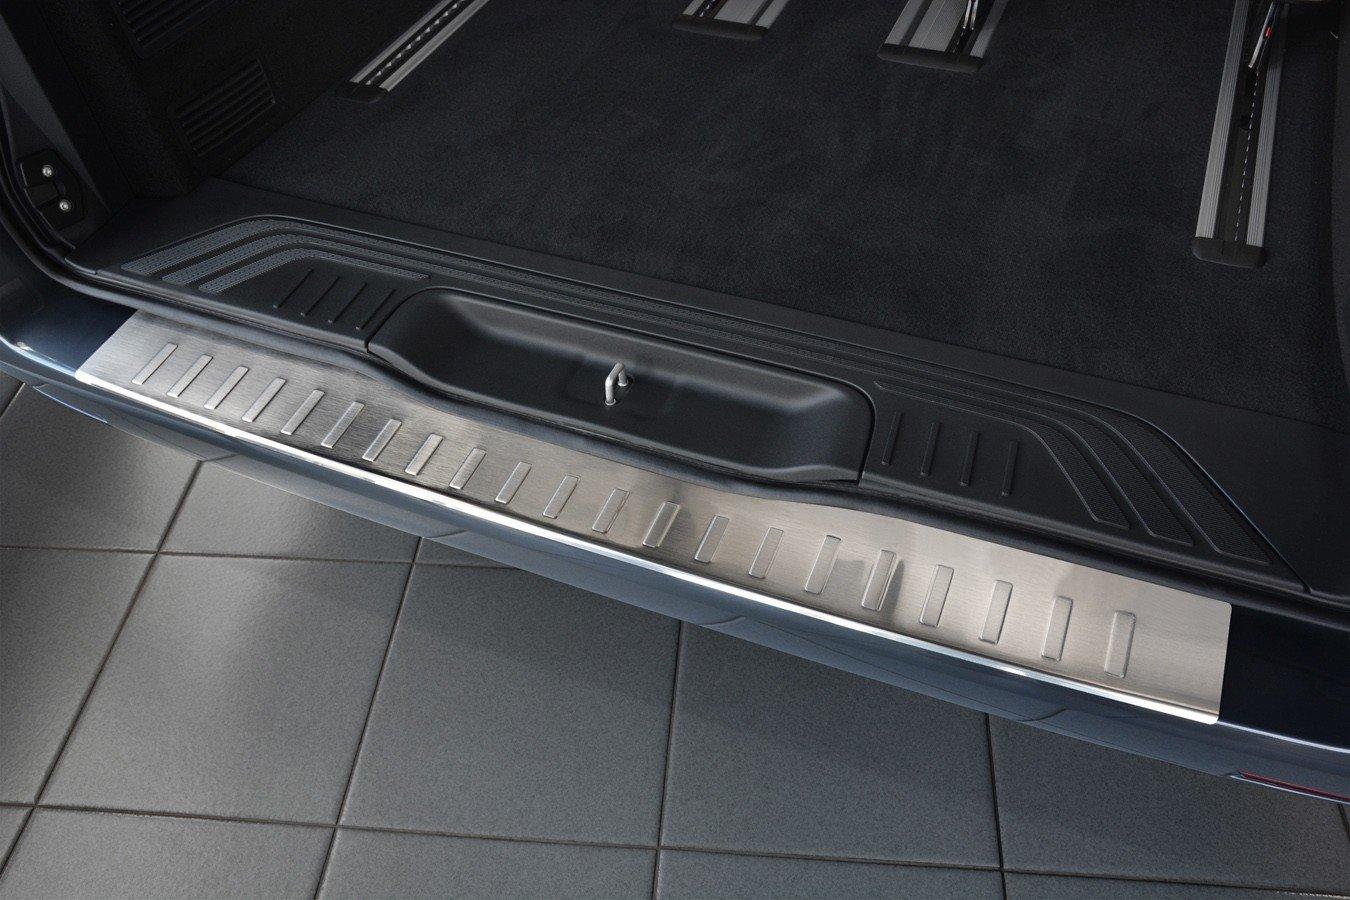 tuning-art EX111-L105 Inoxydable Protection des seuils de Chargement de Coffre et de Porte de Voiture en Acier